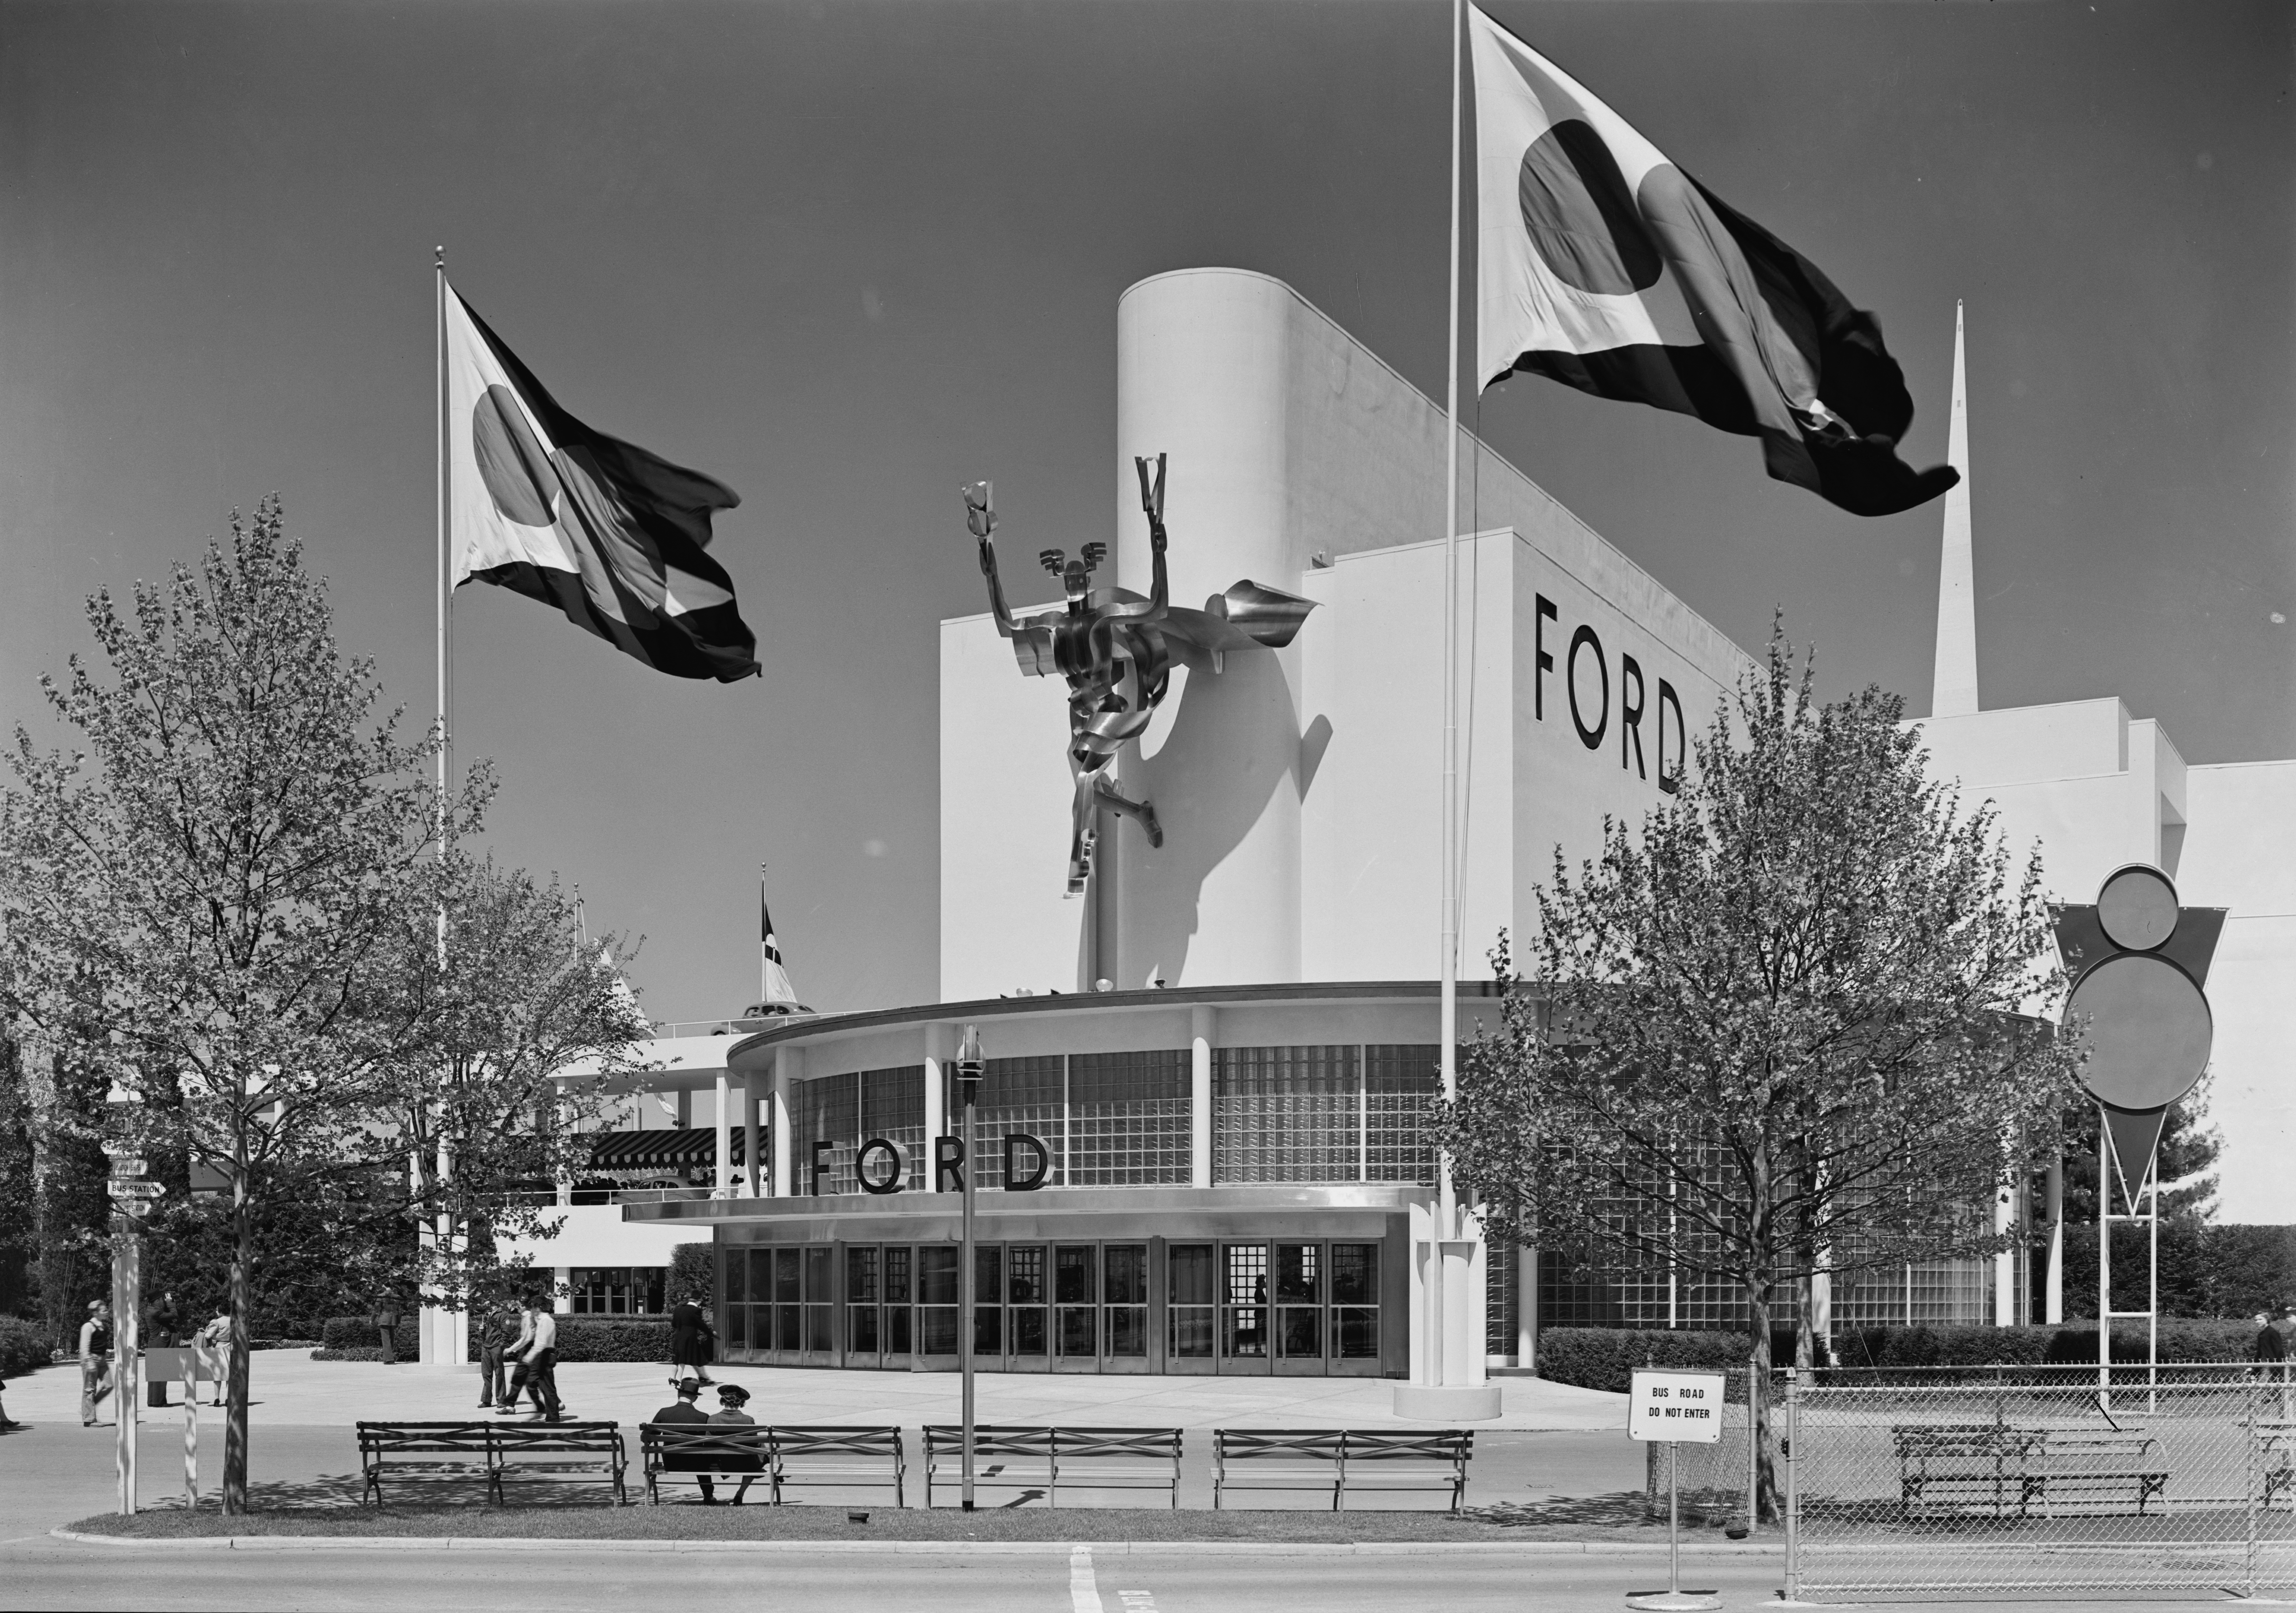 World Fair 1939 LOC gsc.5a03061.jpg